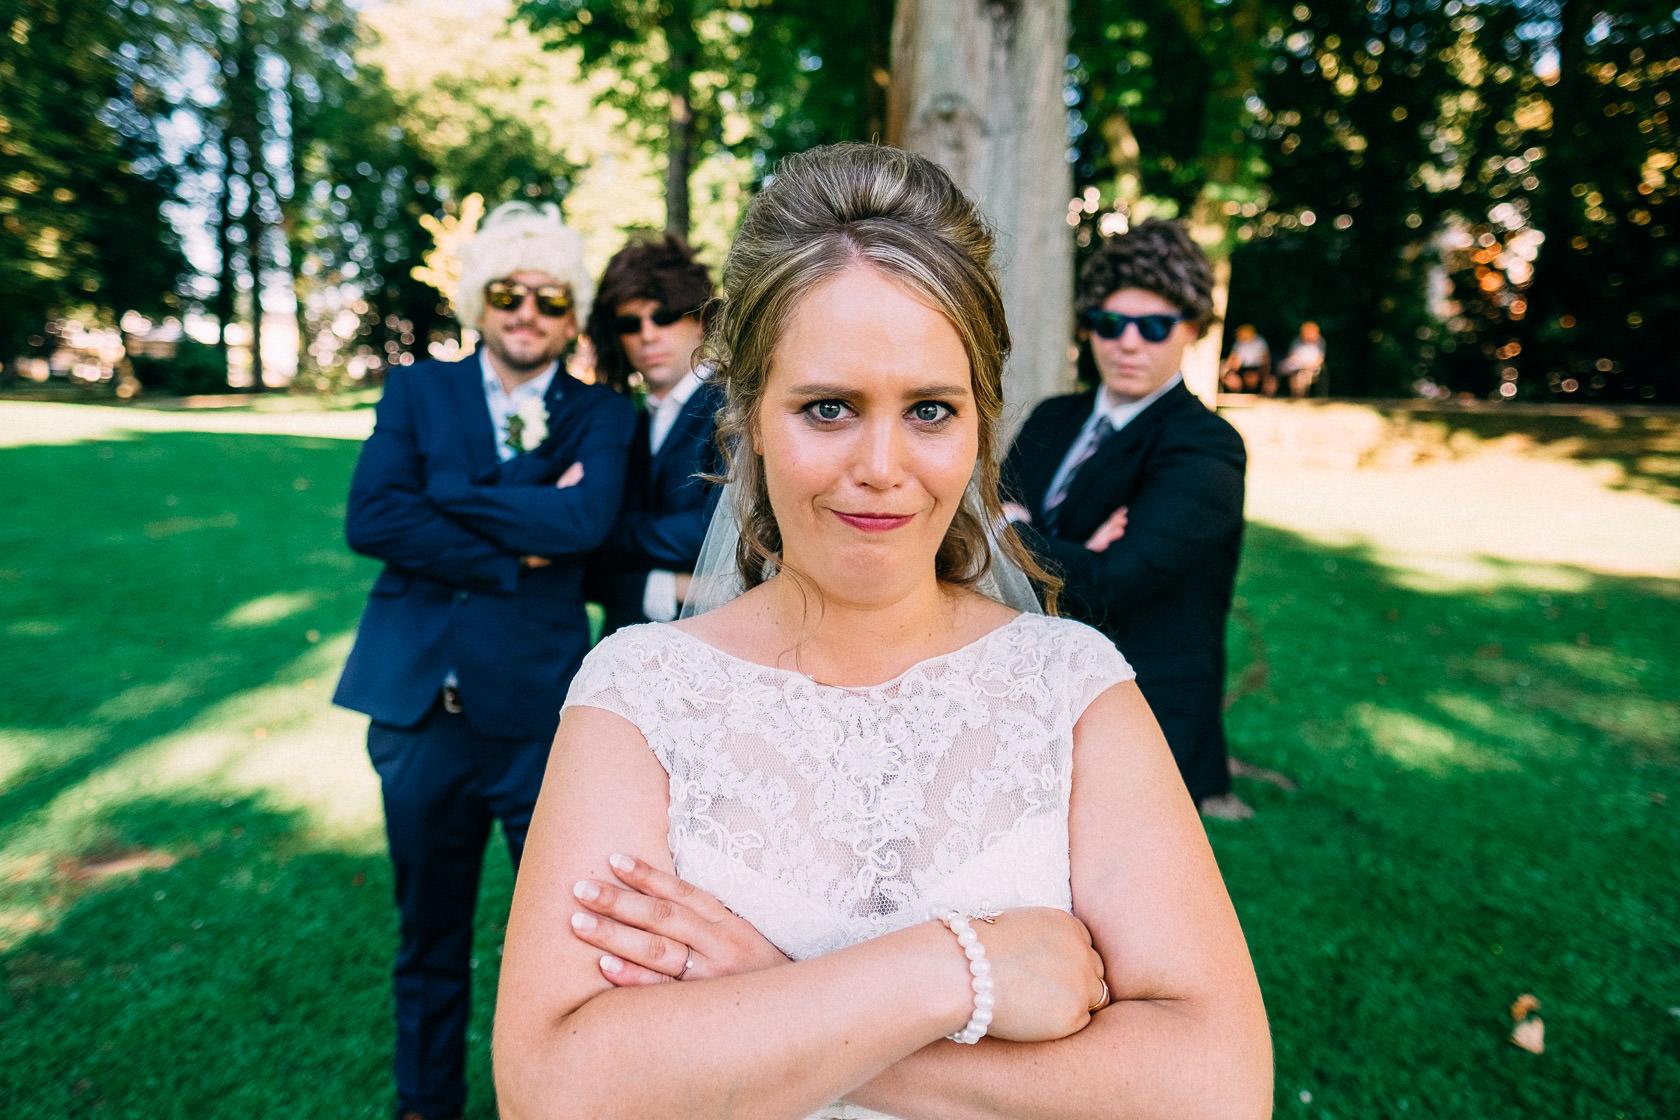 Blauweiße Hochzeit in Bad Kreuznach Paarfotos im Kurpark Hochzeitsfoto crash crashen Freunde Friends